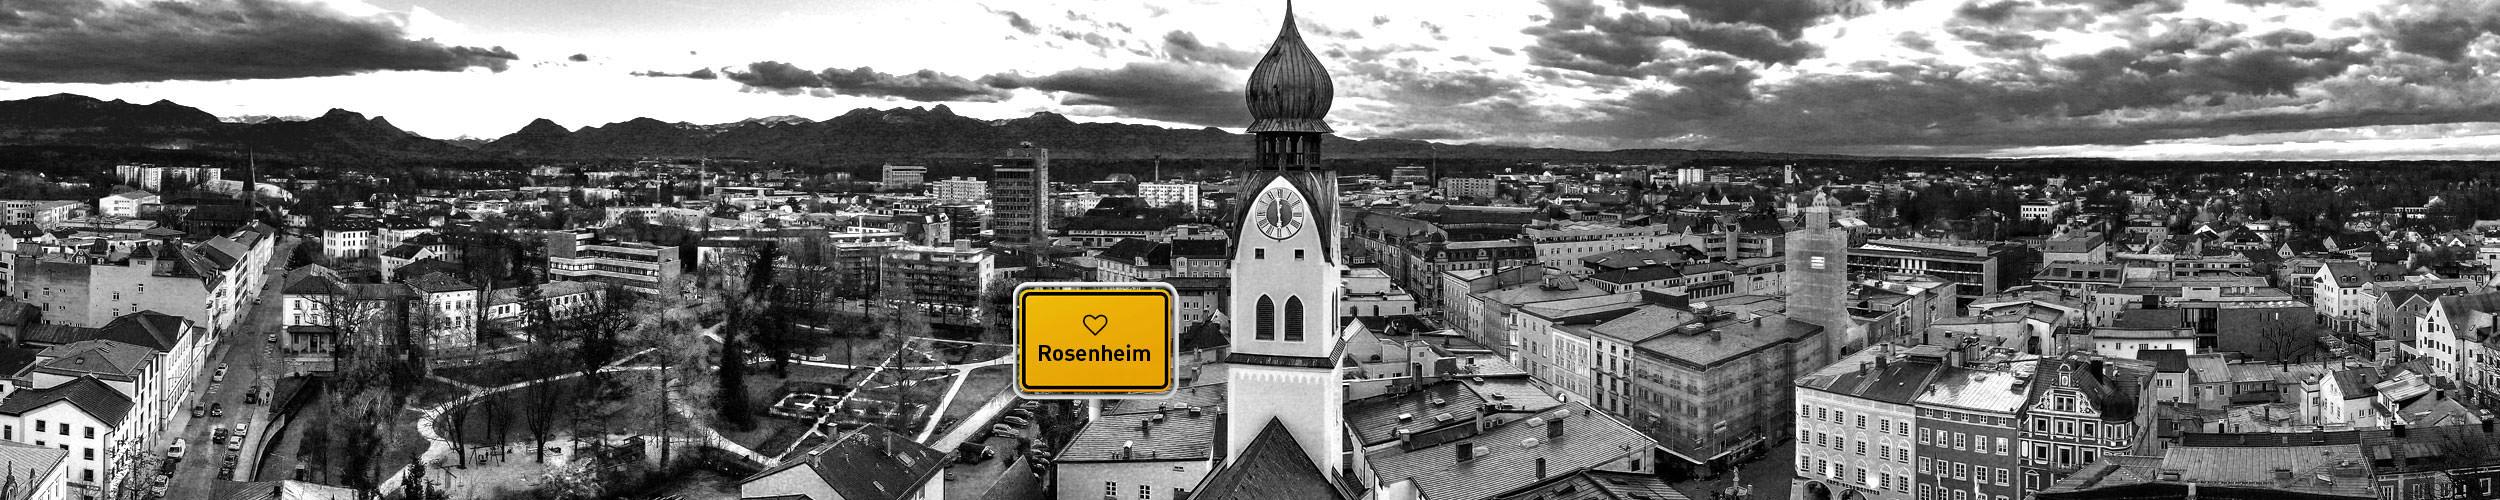 Ihre Werbeagentur für Rosenheim und Umgebung